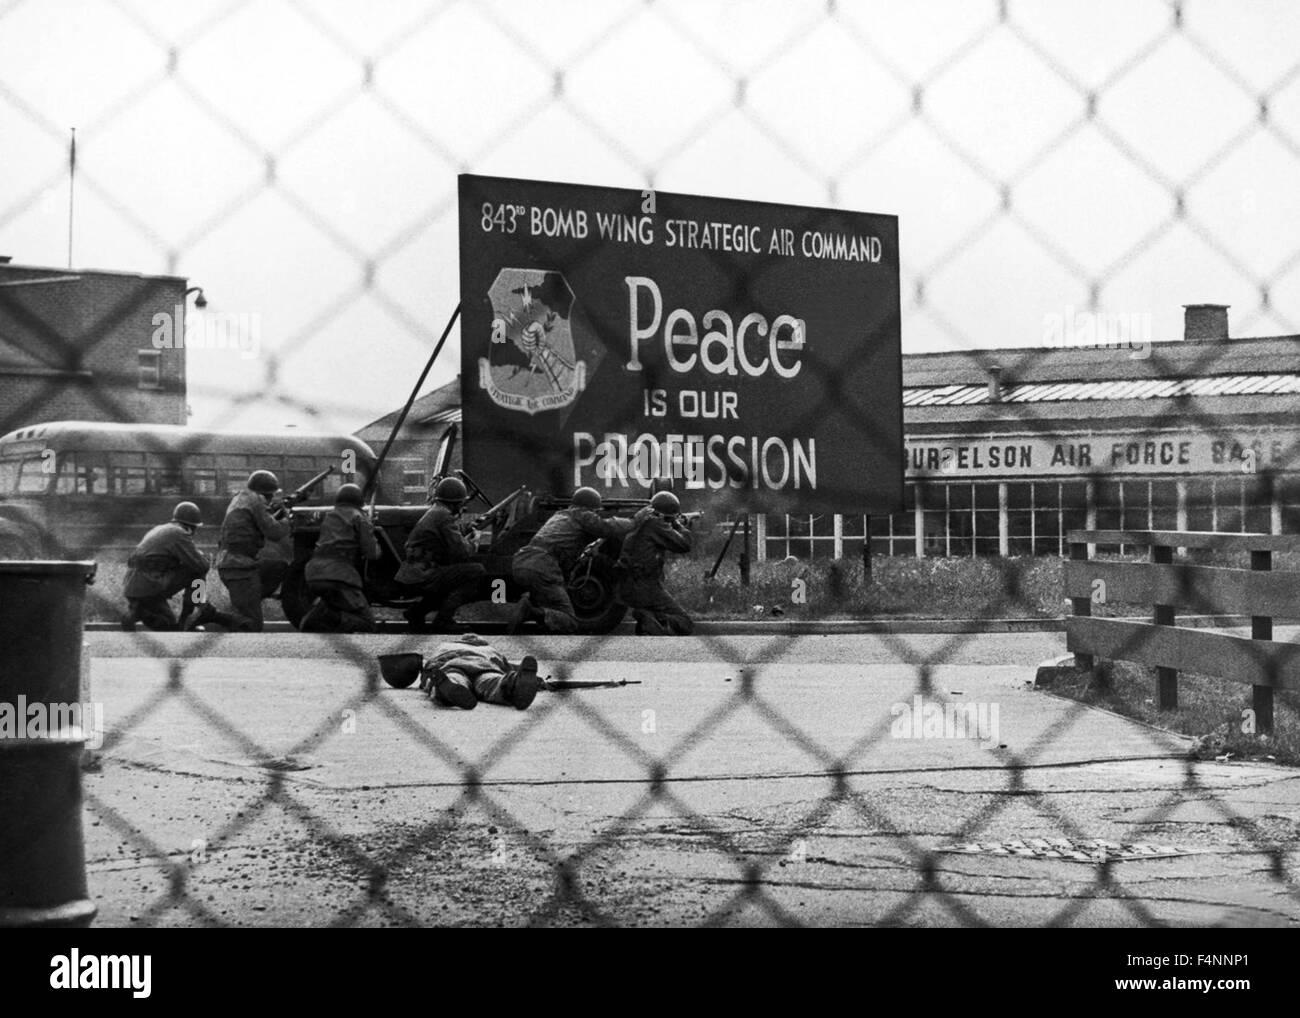 Dr. Strangelove oder: wie ich lernte zu Liebe die Bombe ist ein 1964 politische Satire schwarze Komödie Film, Stockbild